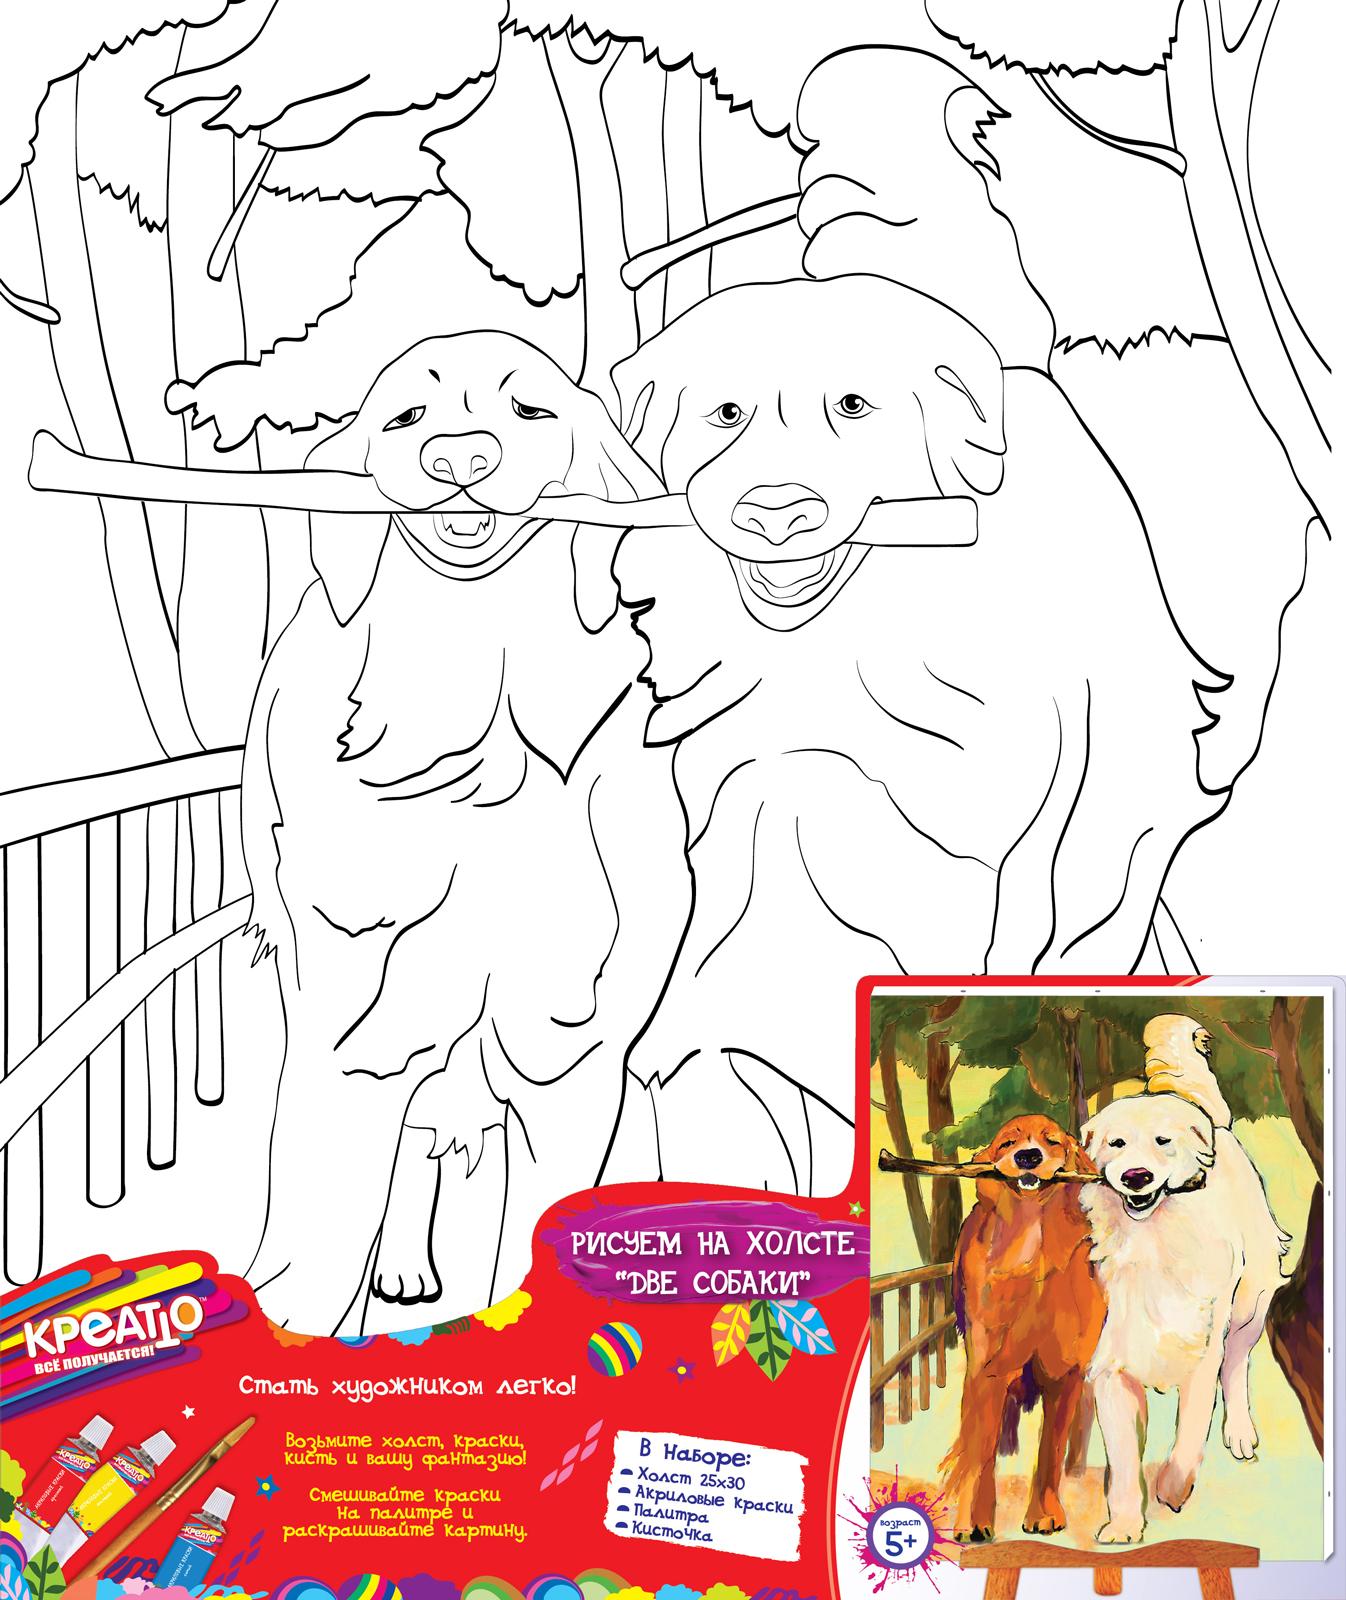 Набор для росписи по холсту «2 собаки»Роспись по холсту<br>Набор для росписи по холсту «2 собаки»<br>